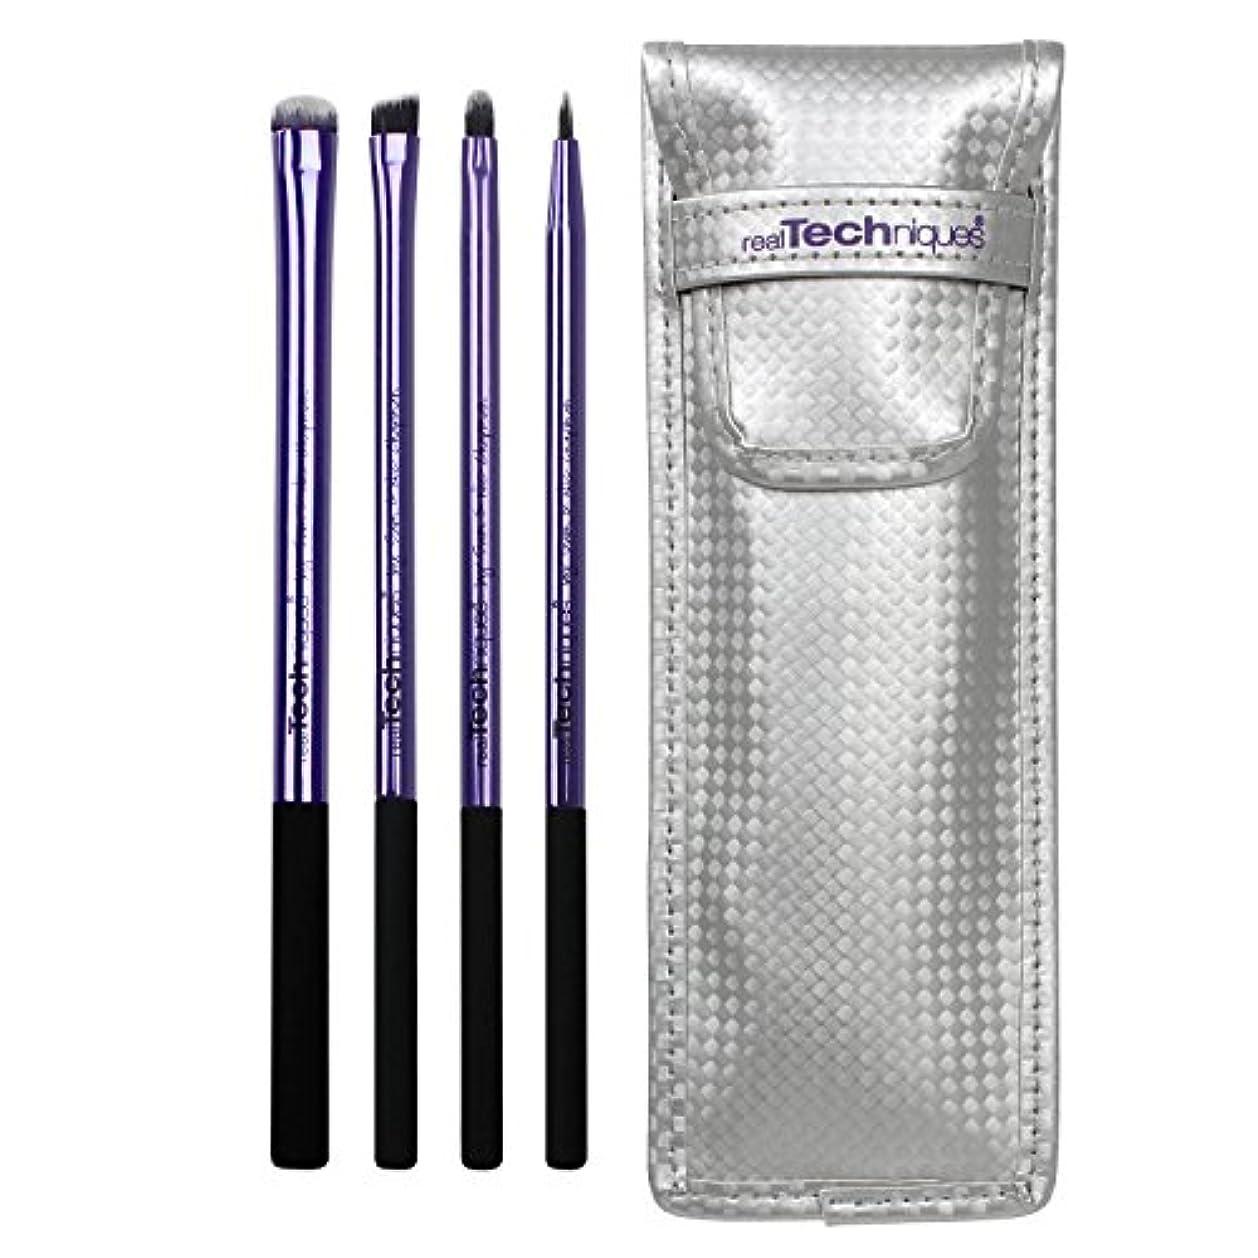 進化する速度抵抗力があるReal Techniques Limited Edition Eyelining Set Plush Synthetic Bristles (並行輸入品)